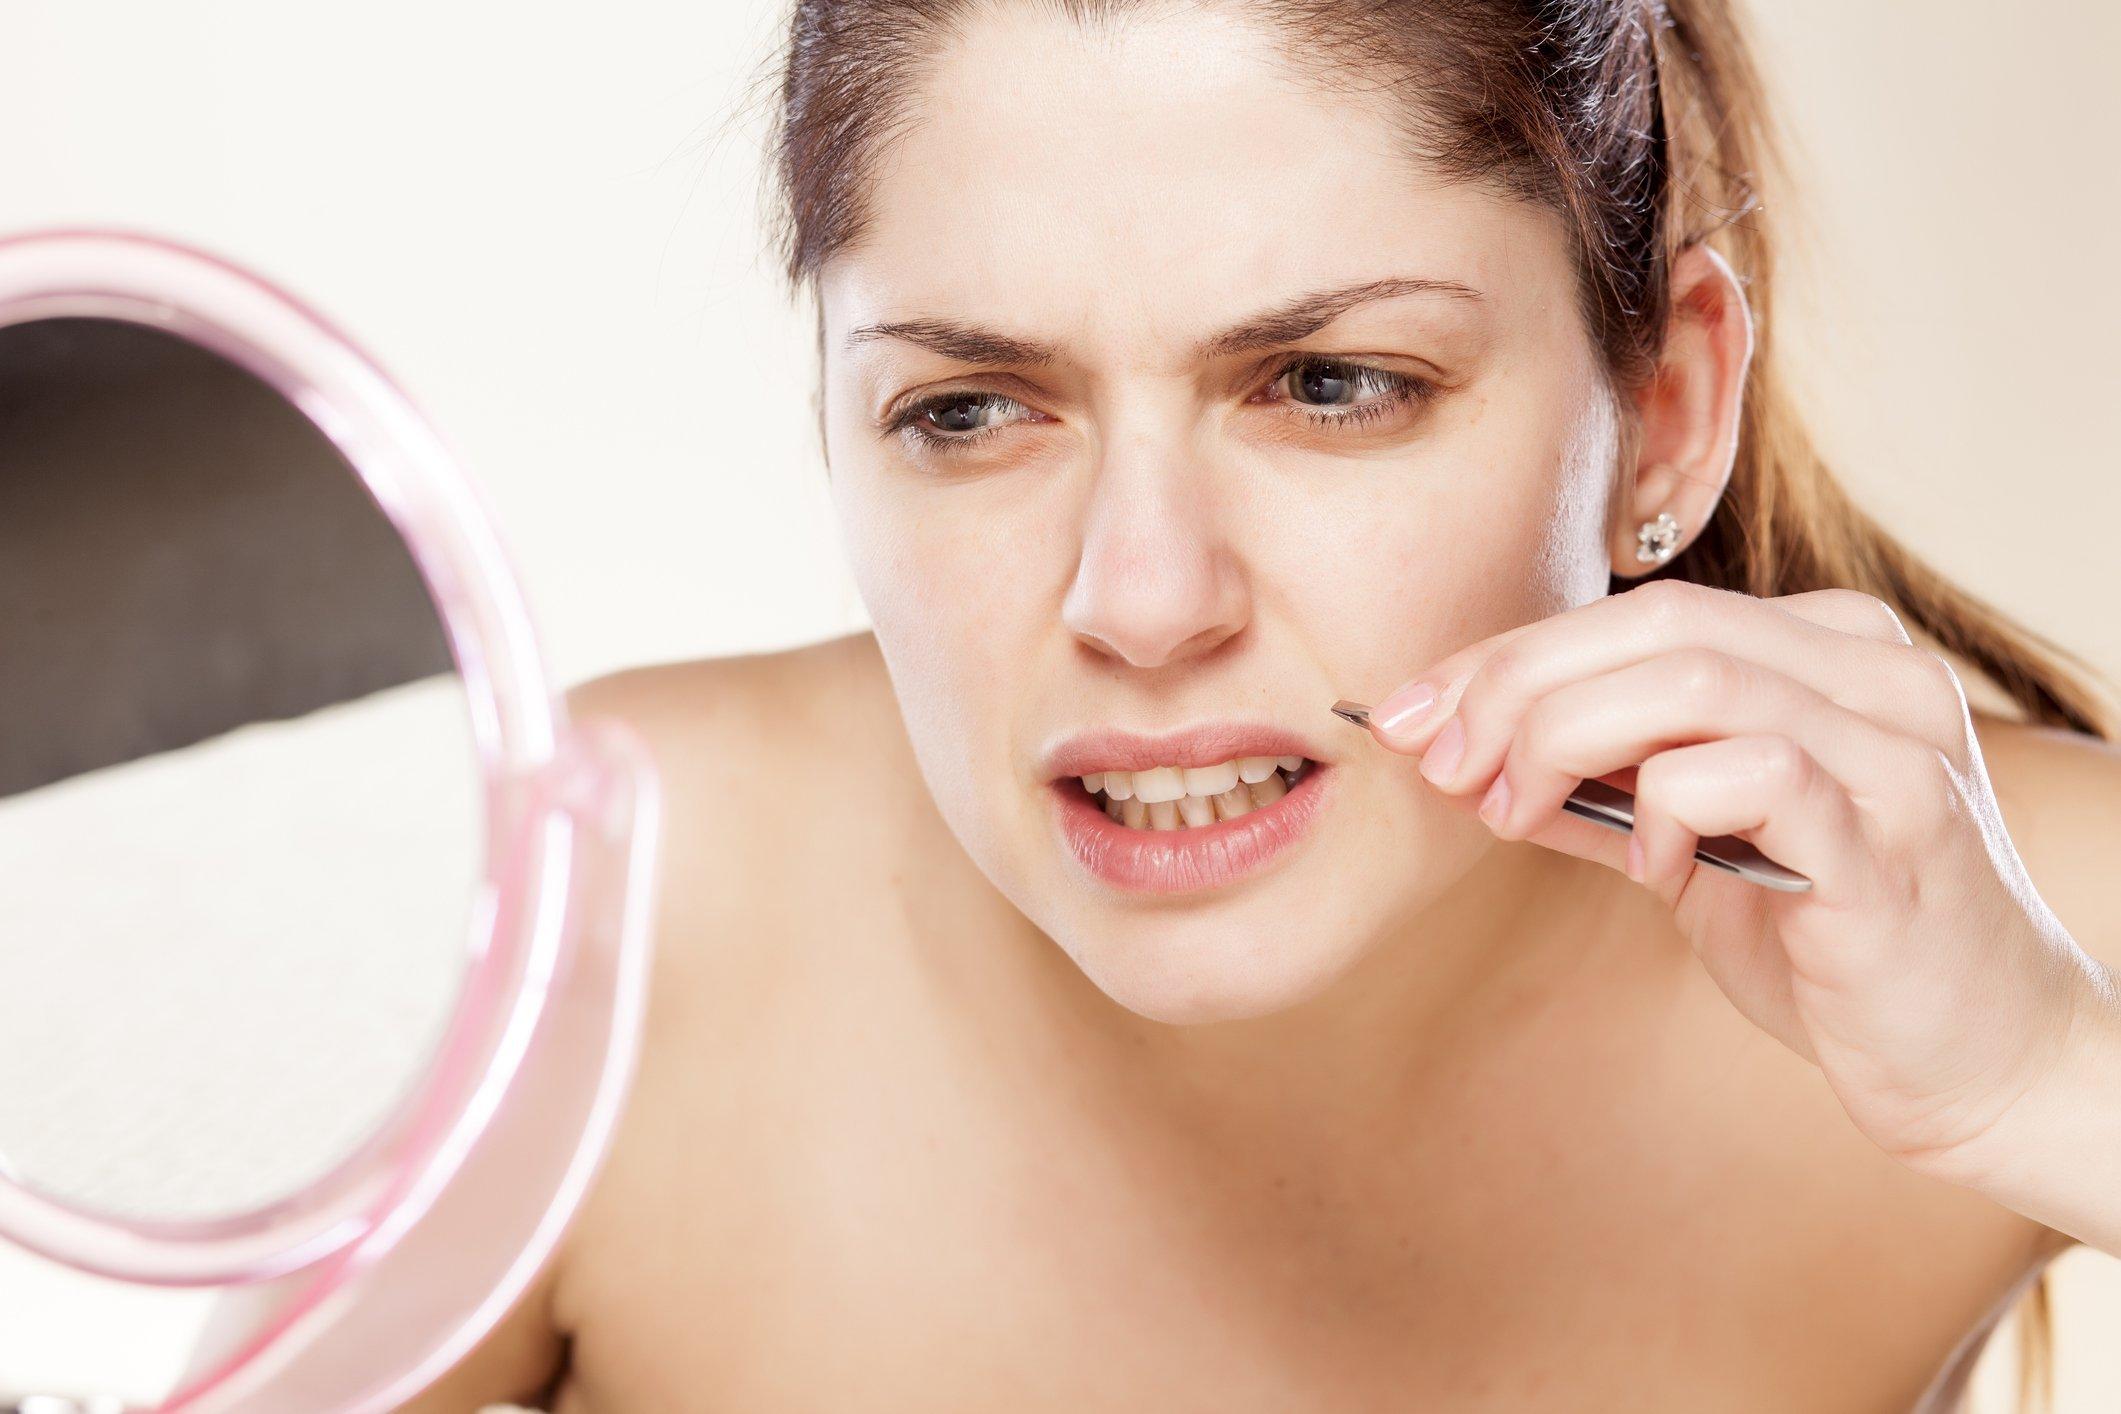 xhigh testosterone jpg pagespeed ic xttcg hdlw - 9 Señales de advertencia de desequilibrio hormonal que pueden producir manchas faciales